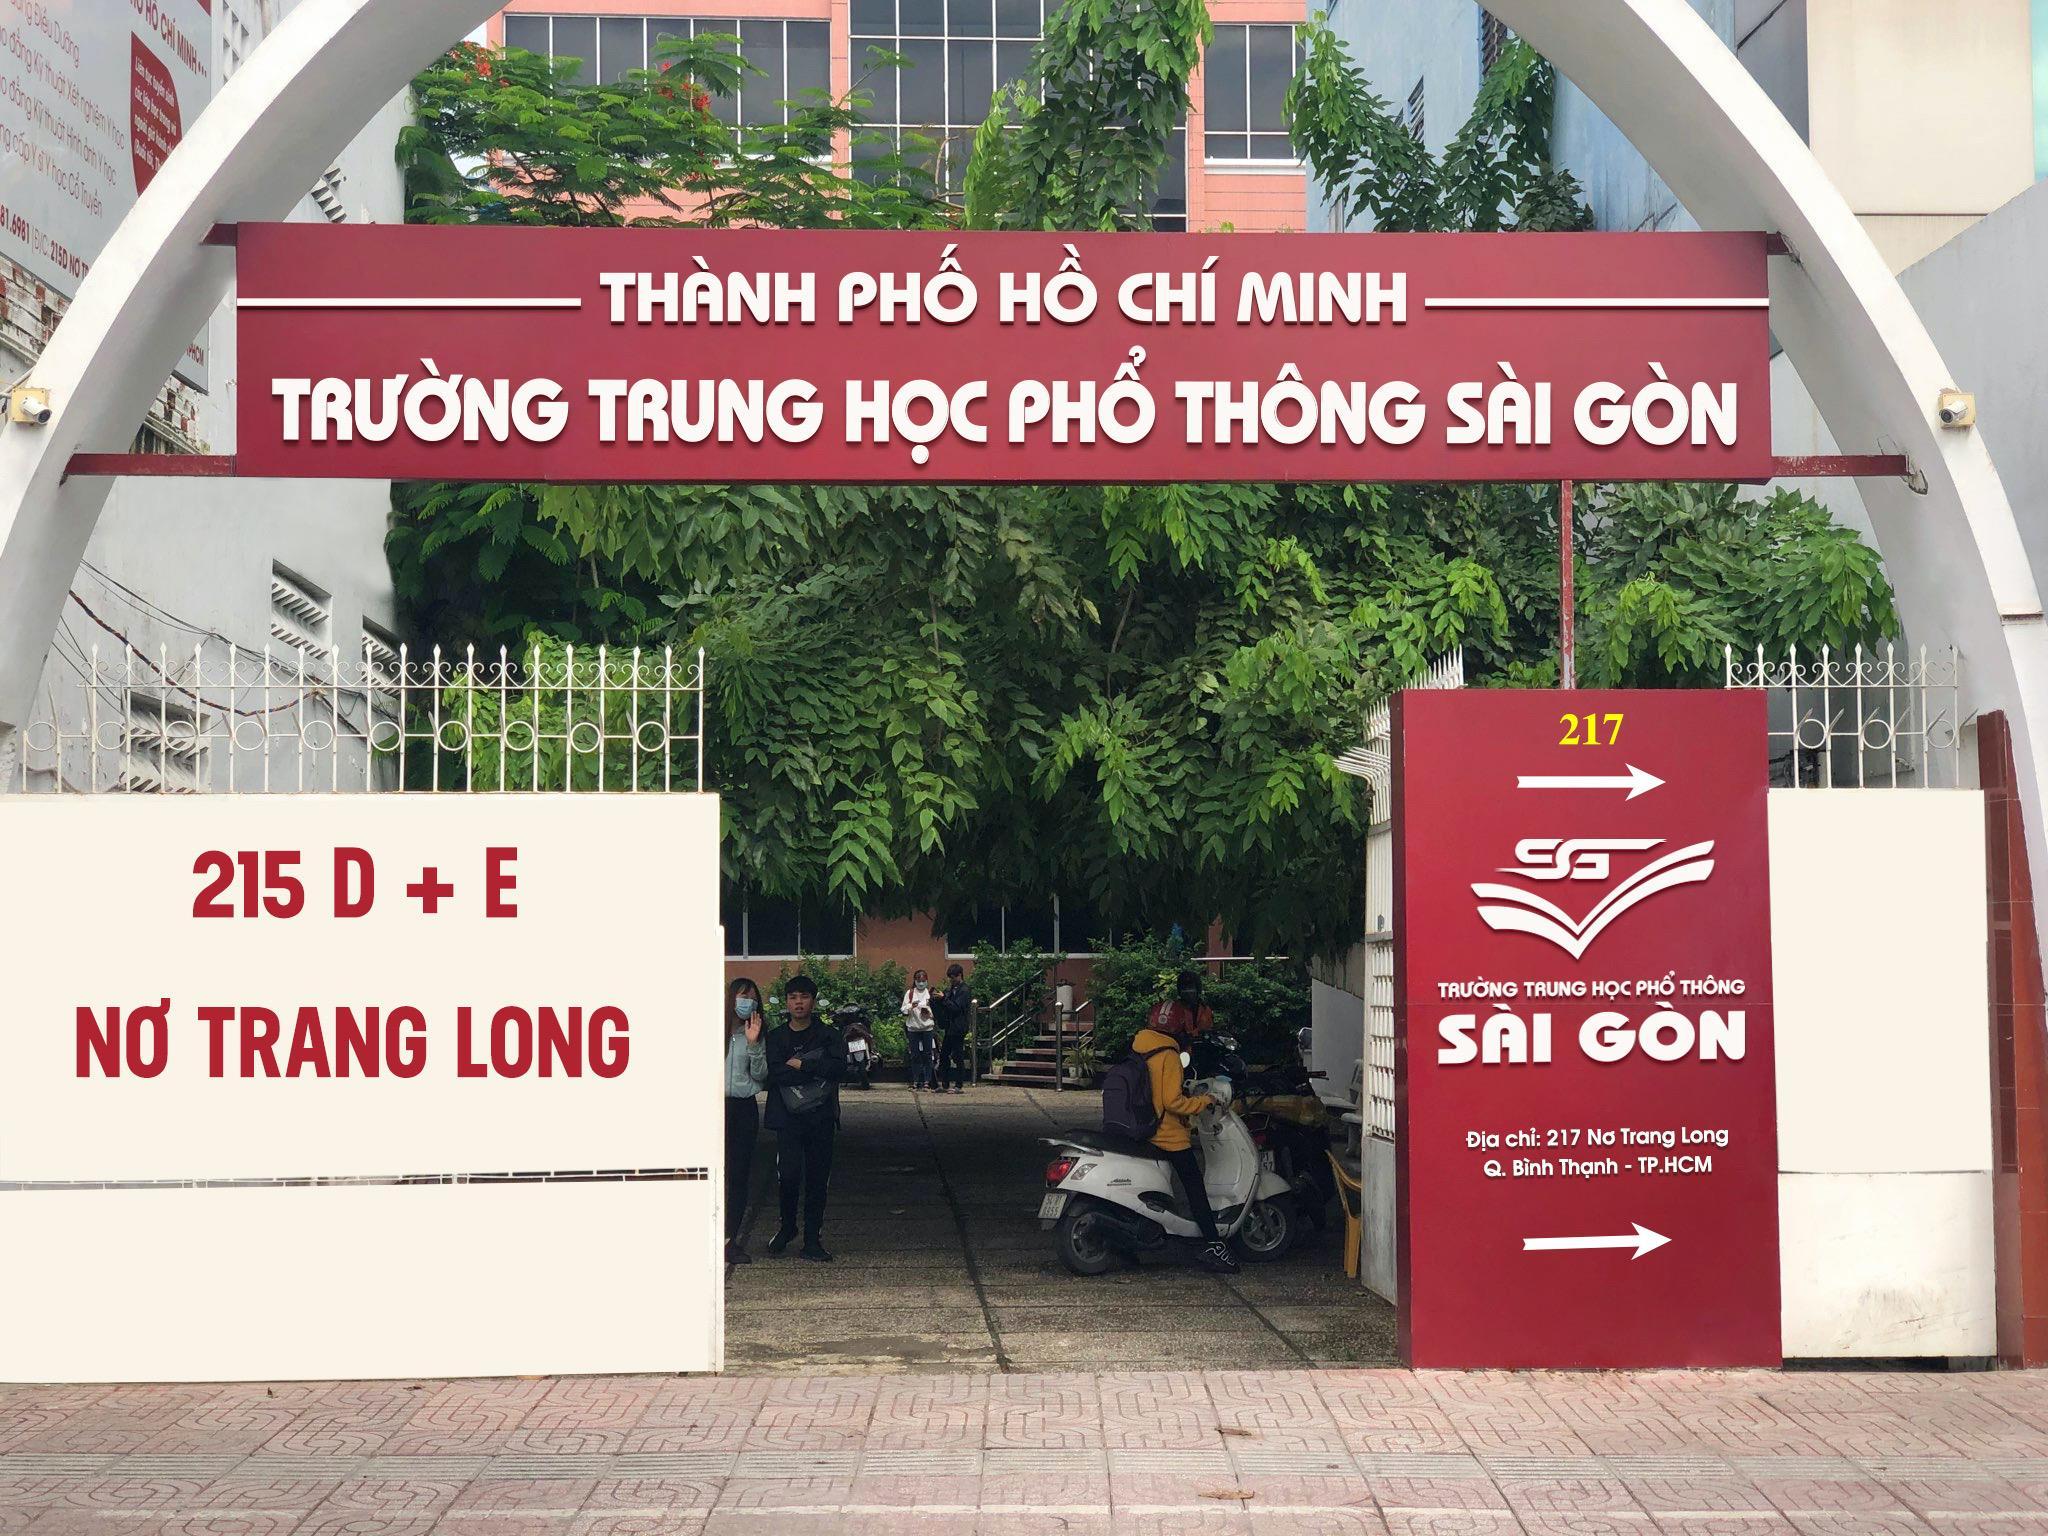 Trường THPT Sài Gòn thành phố Hồ Chí Minh thông báo tuyển sinh lớp 10 - Ảnh 1